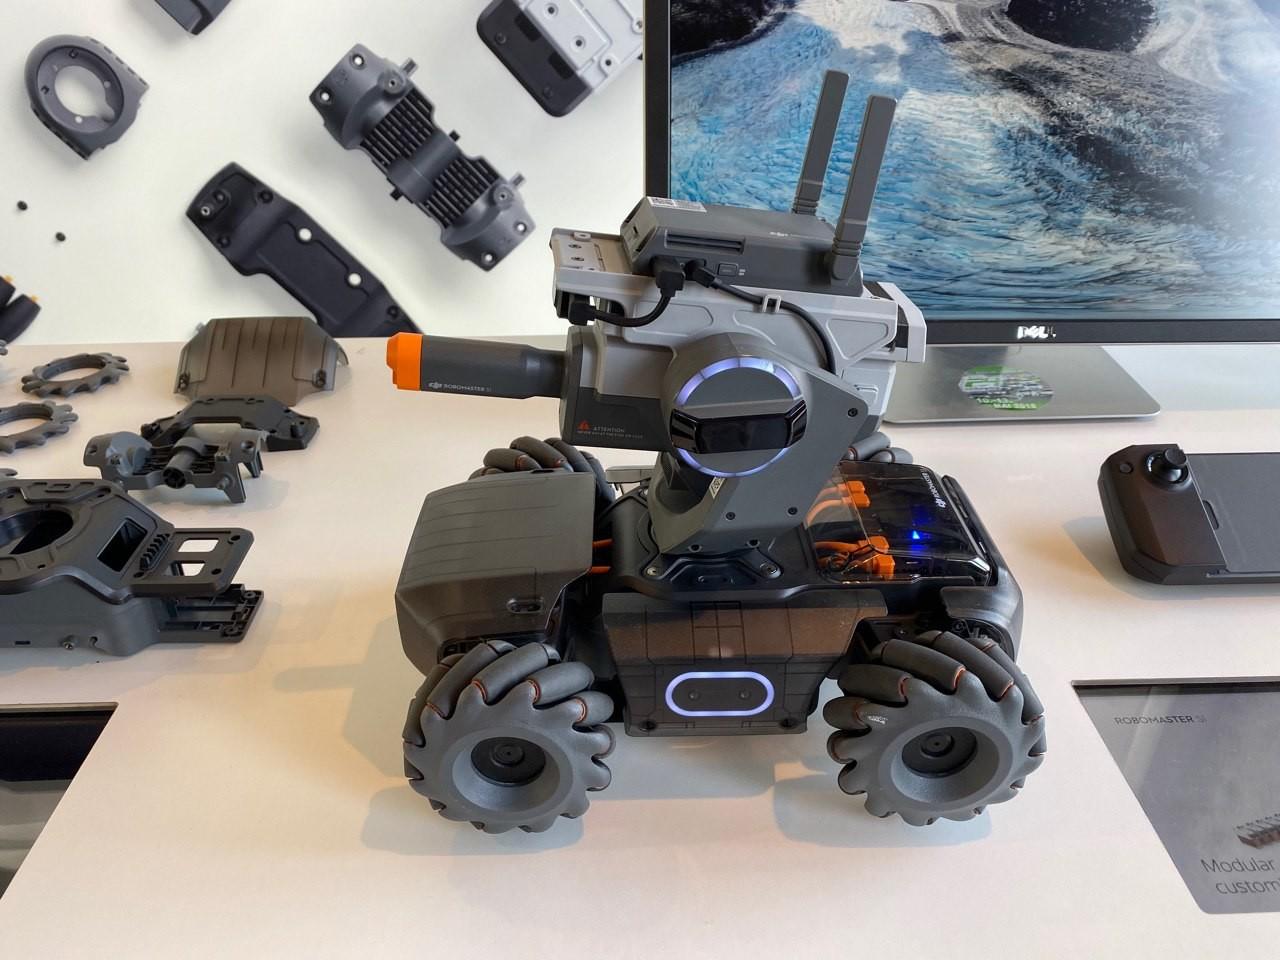 Robomaster S1, análisis: el primer robot educativo de DJI es un arma para aprender a programar